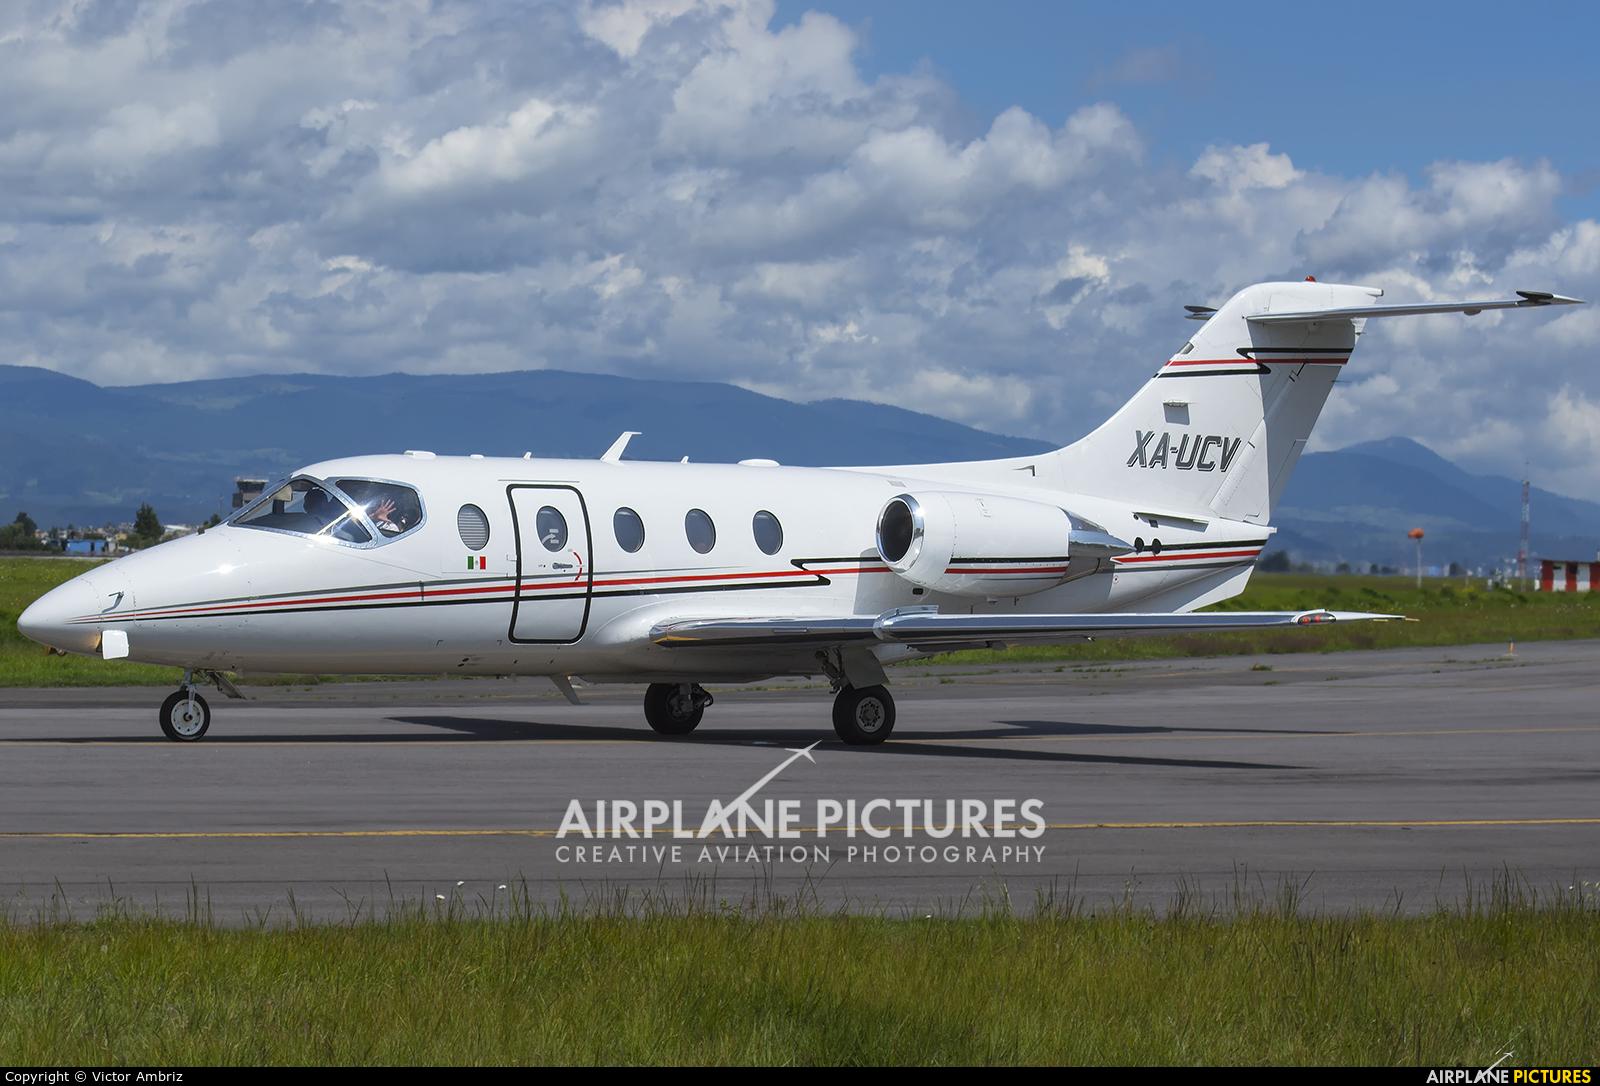 Aerolineas Ejecutivas XA-UCV aircraft at Toluca Intl